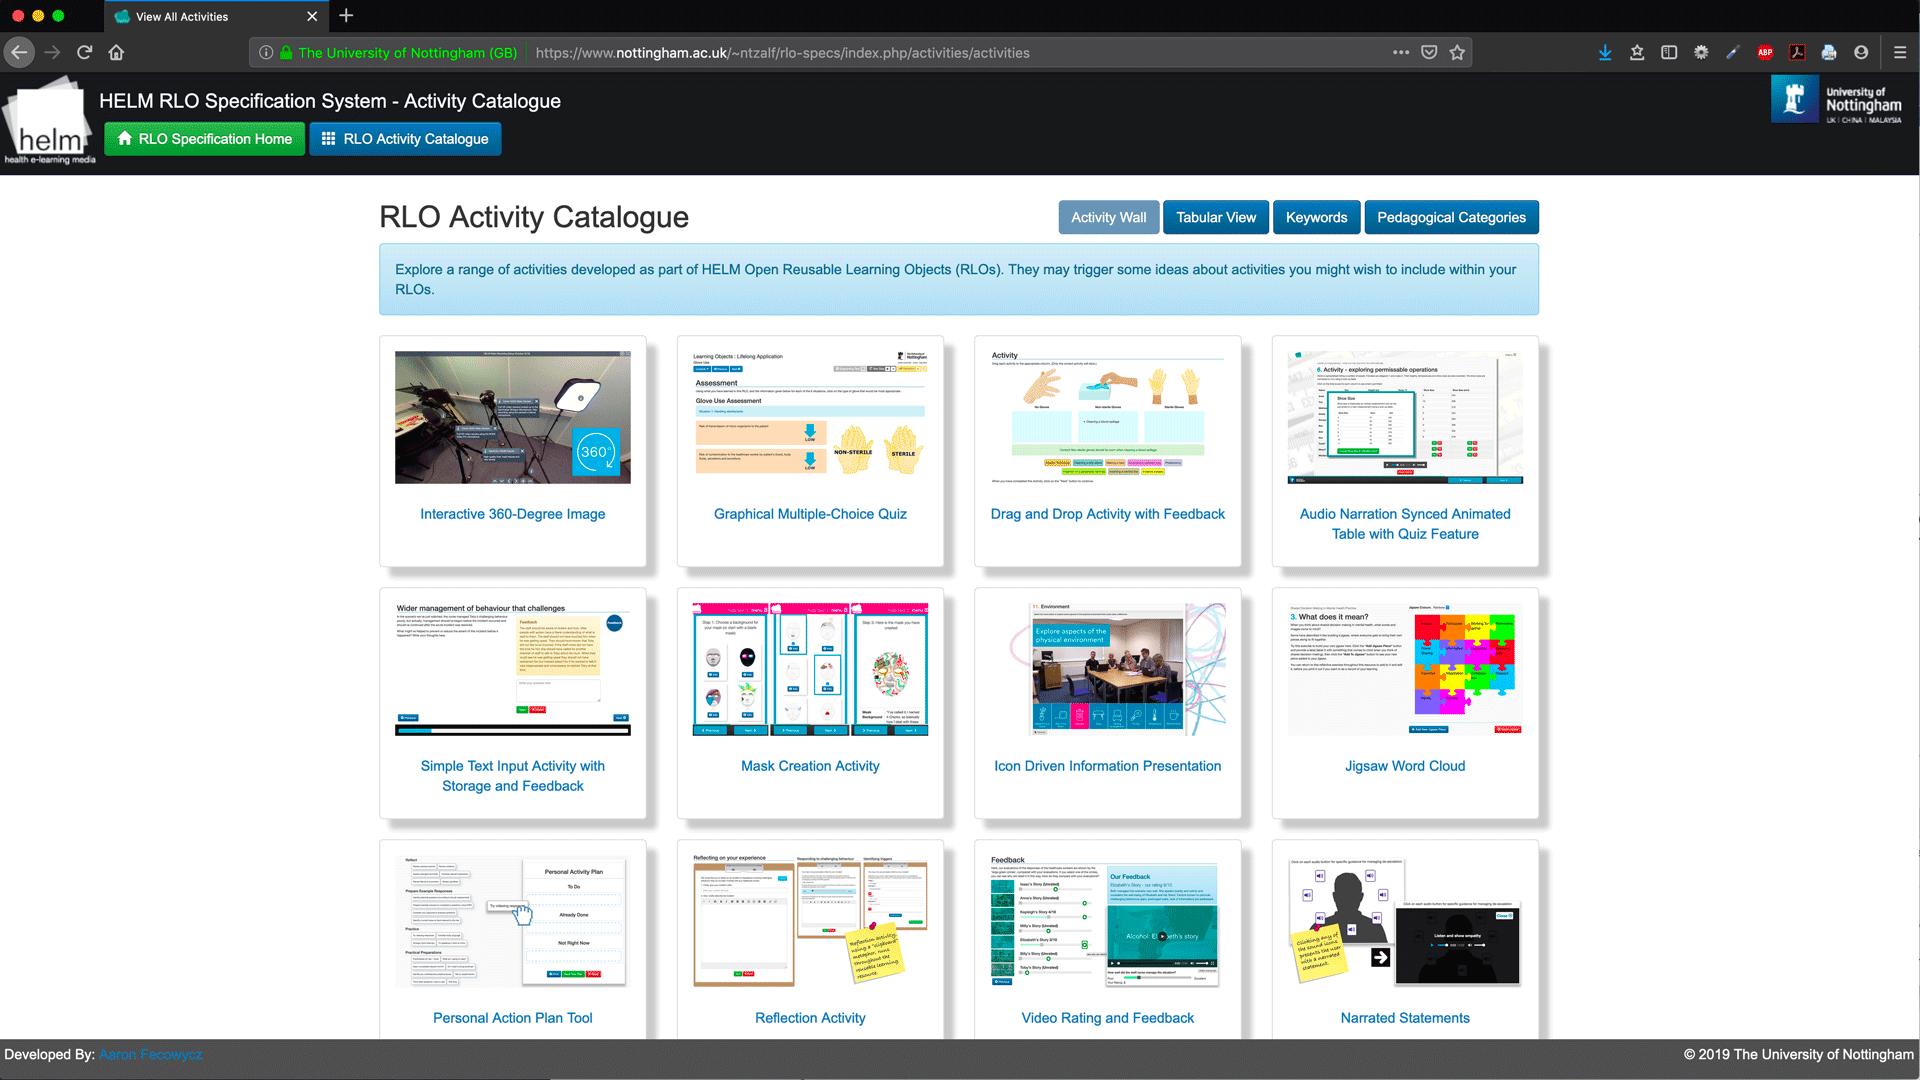 RLO Activity Catalogue - Activity Wall